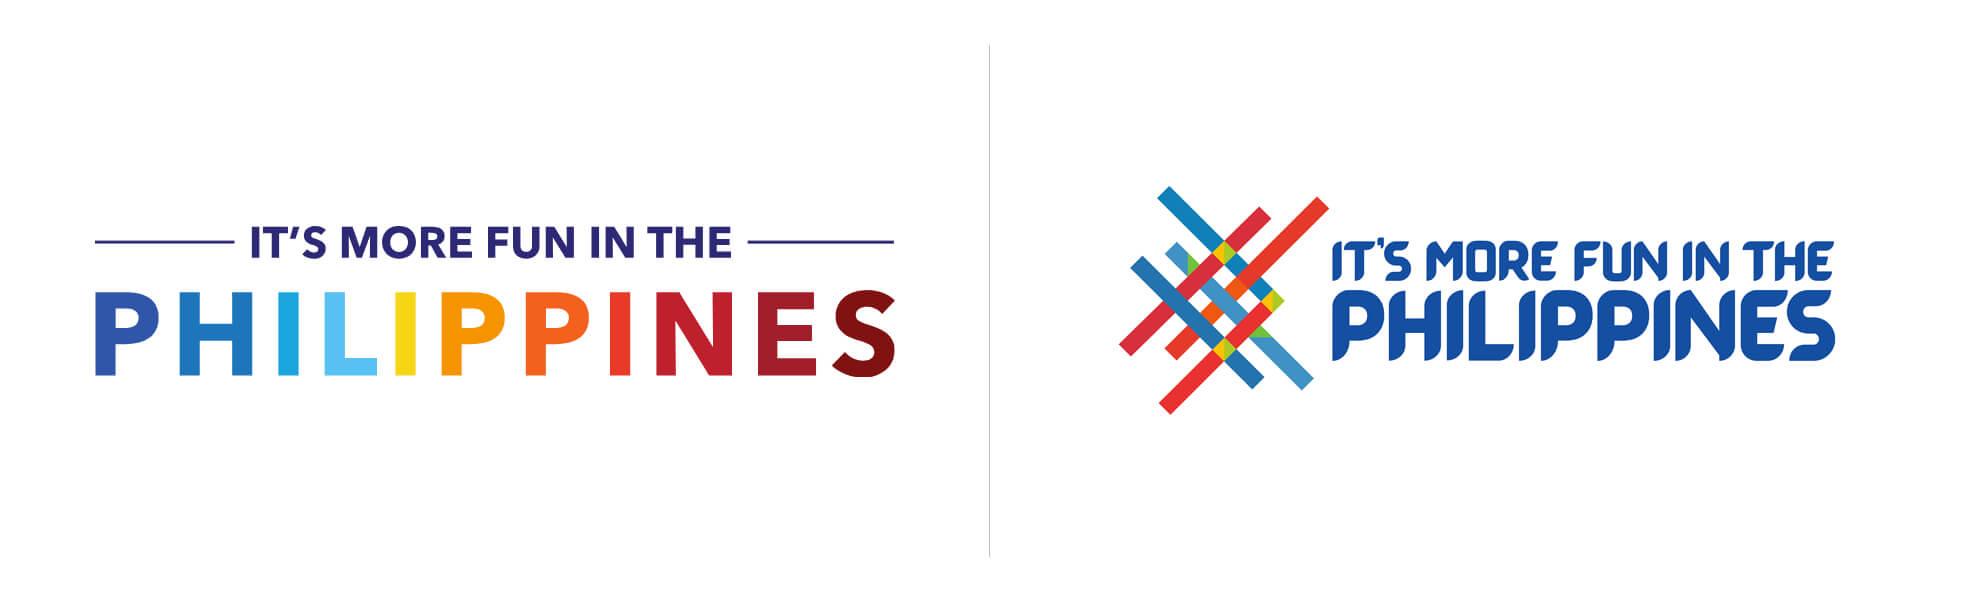 Stare inowe logo turystyczne filipin